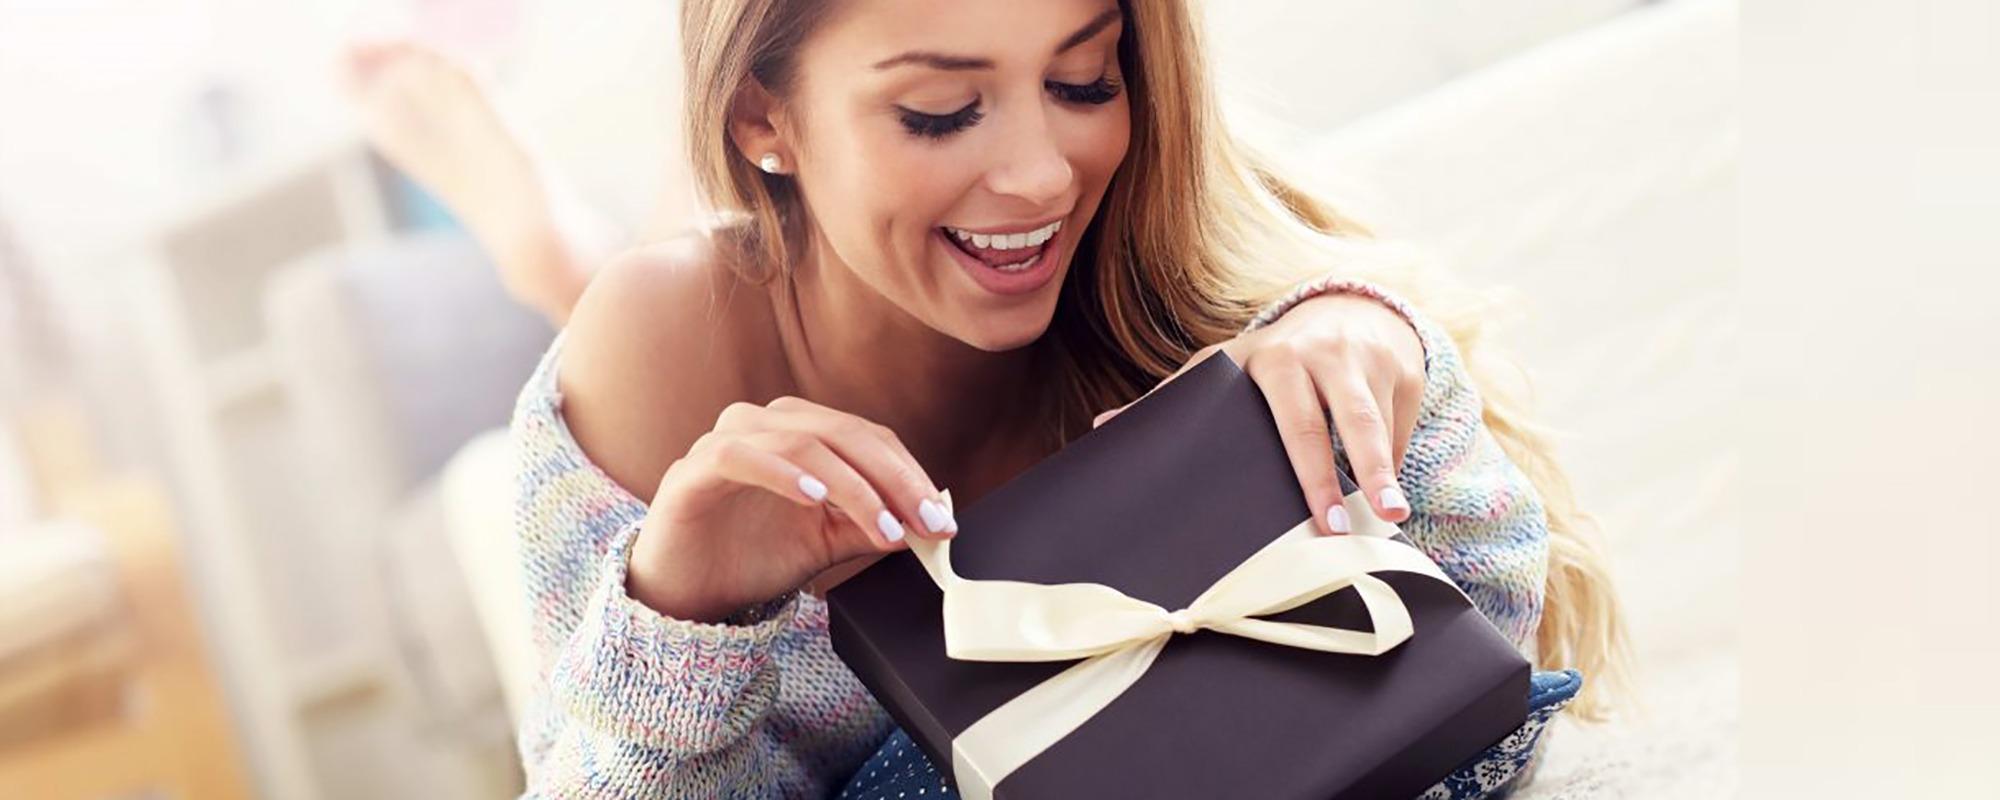 15 presentes para mulher que não tem erro